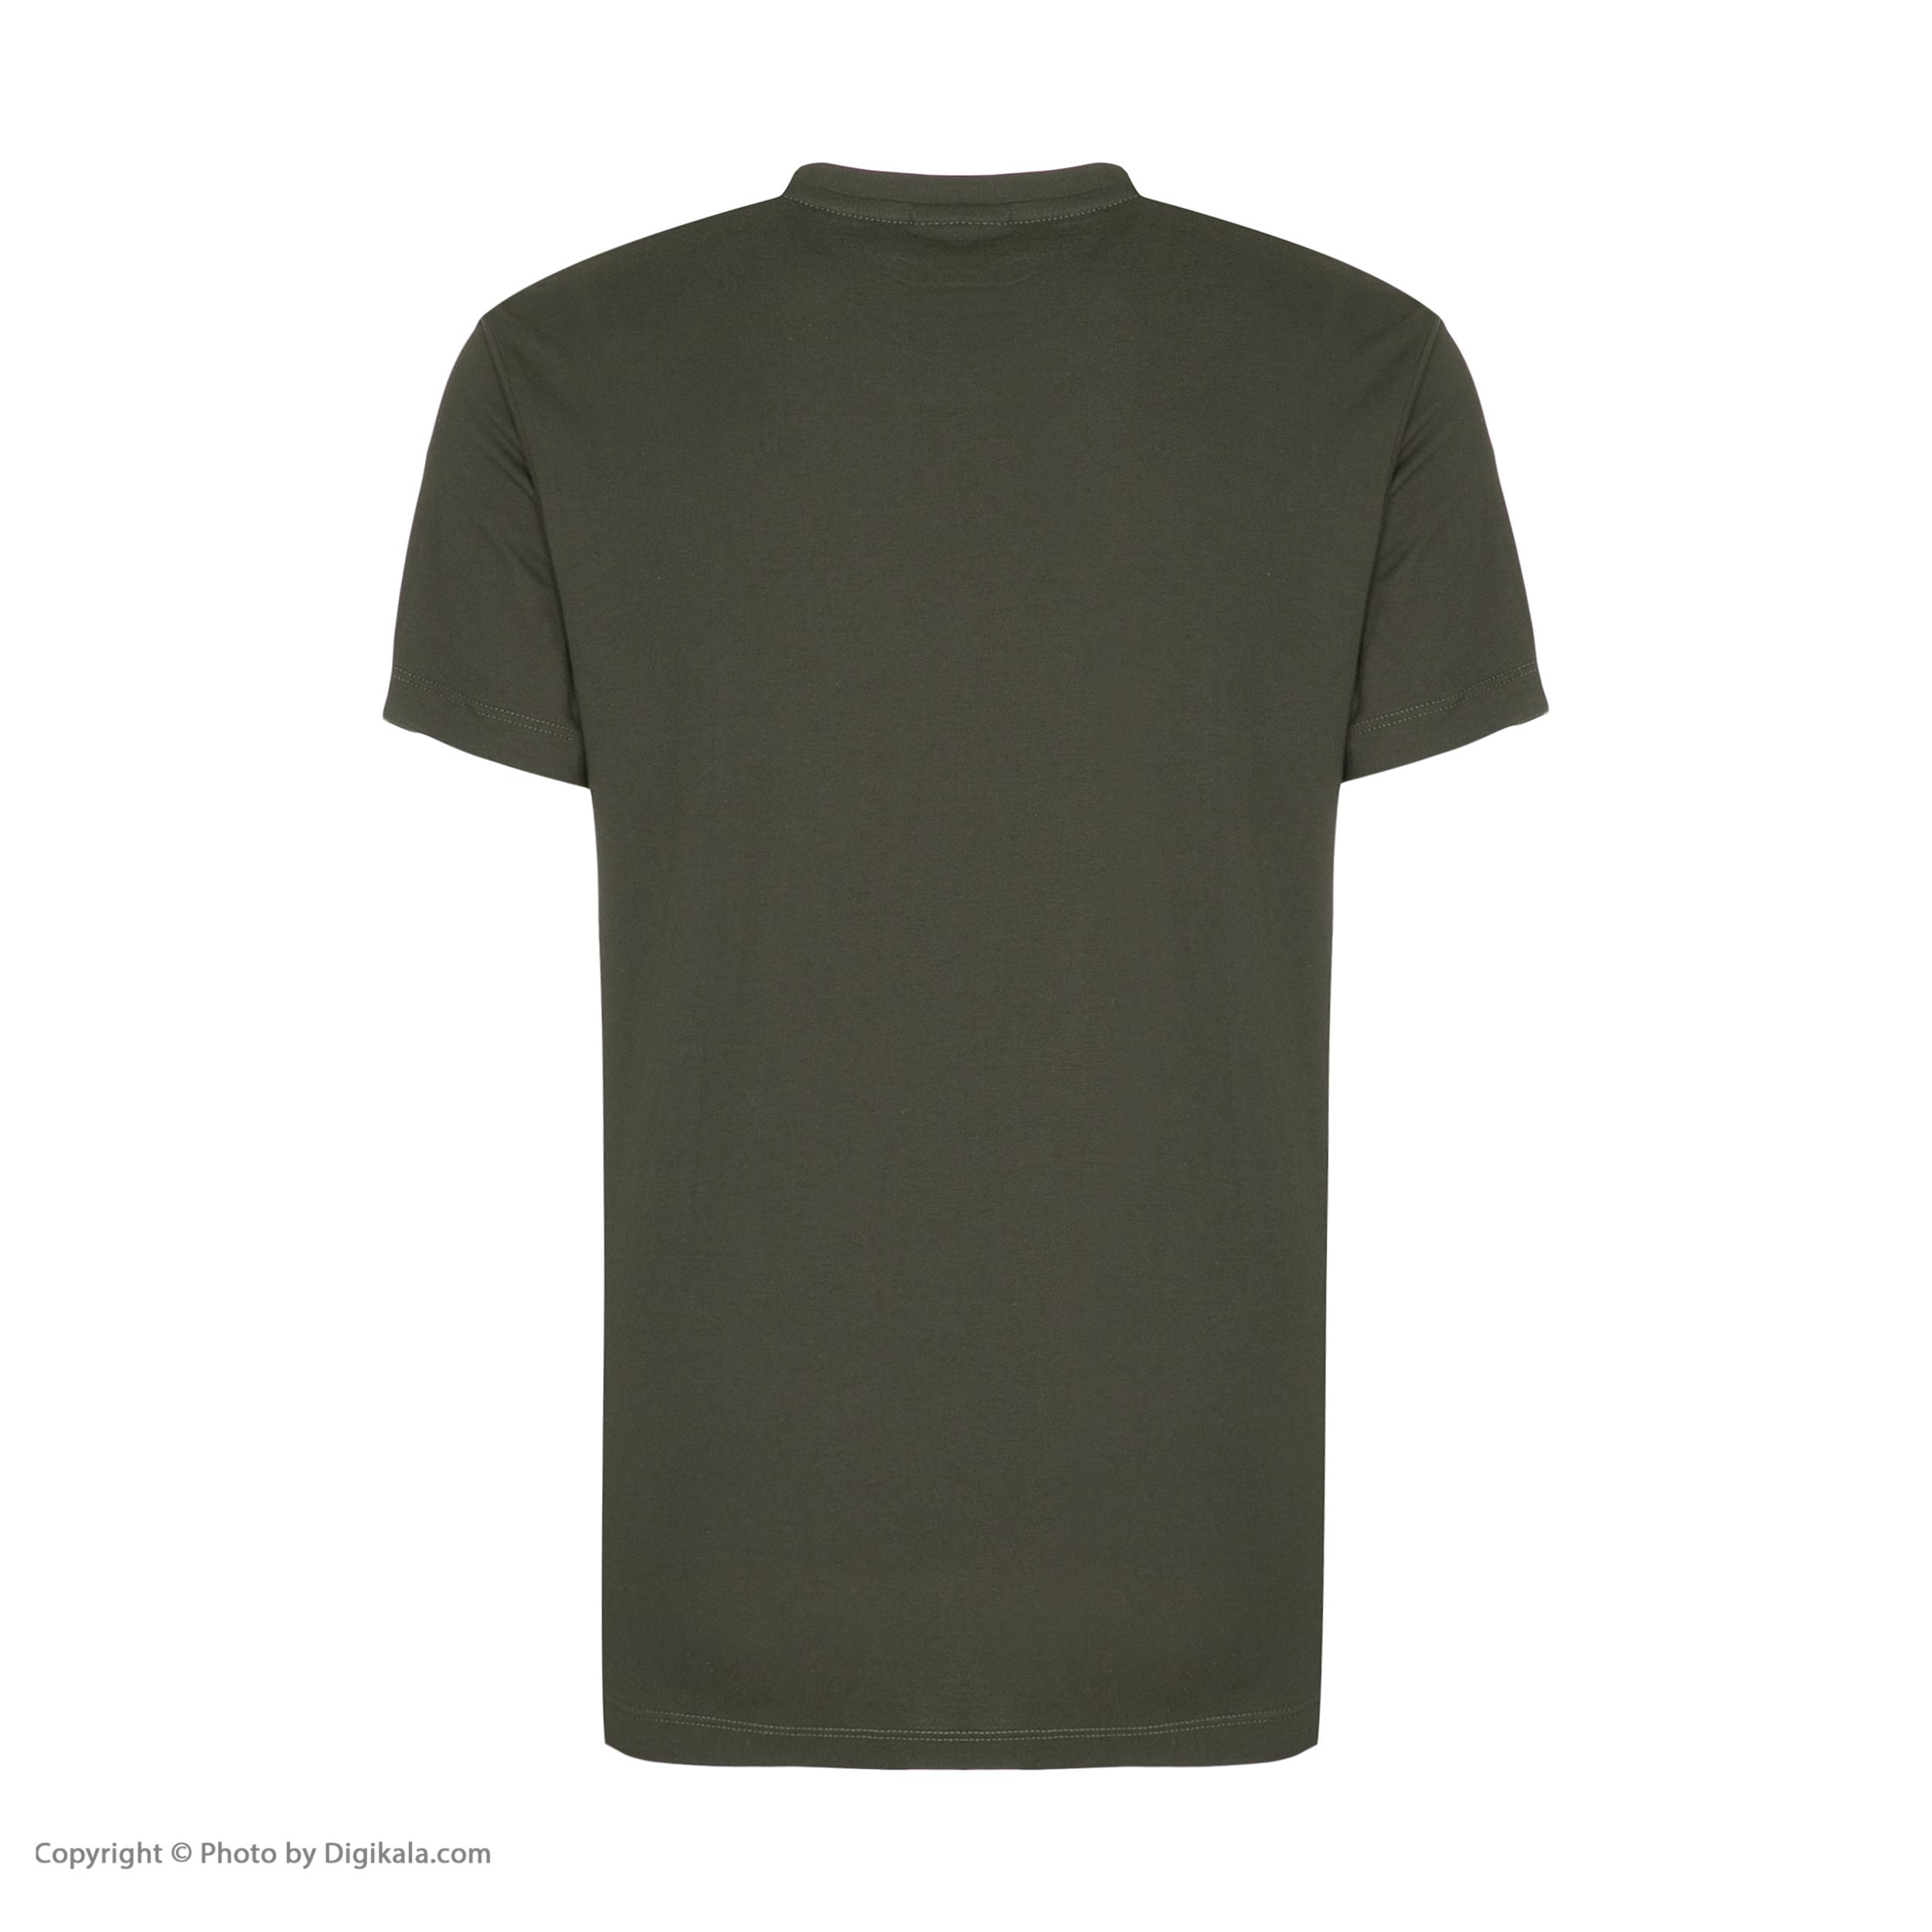 تیشرت آستین کوتاه مردانه ان سی نو مدل بیتر رنگ سبز ارتشی -  - 3